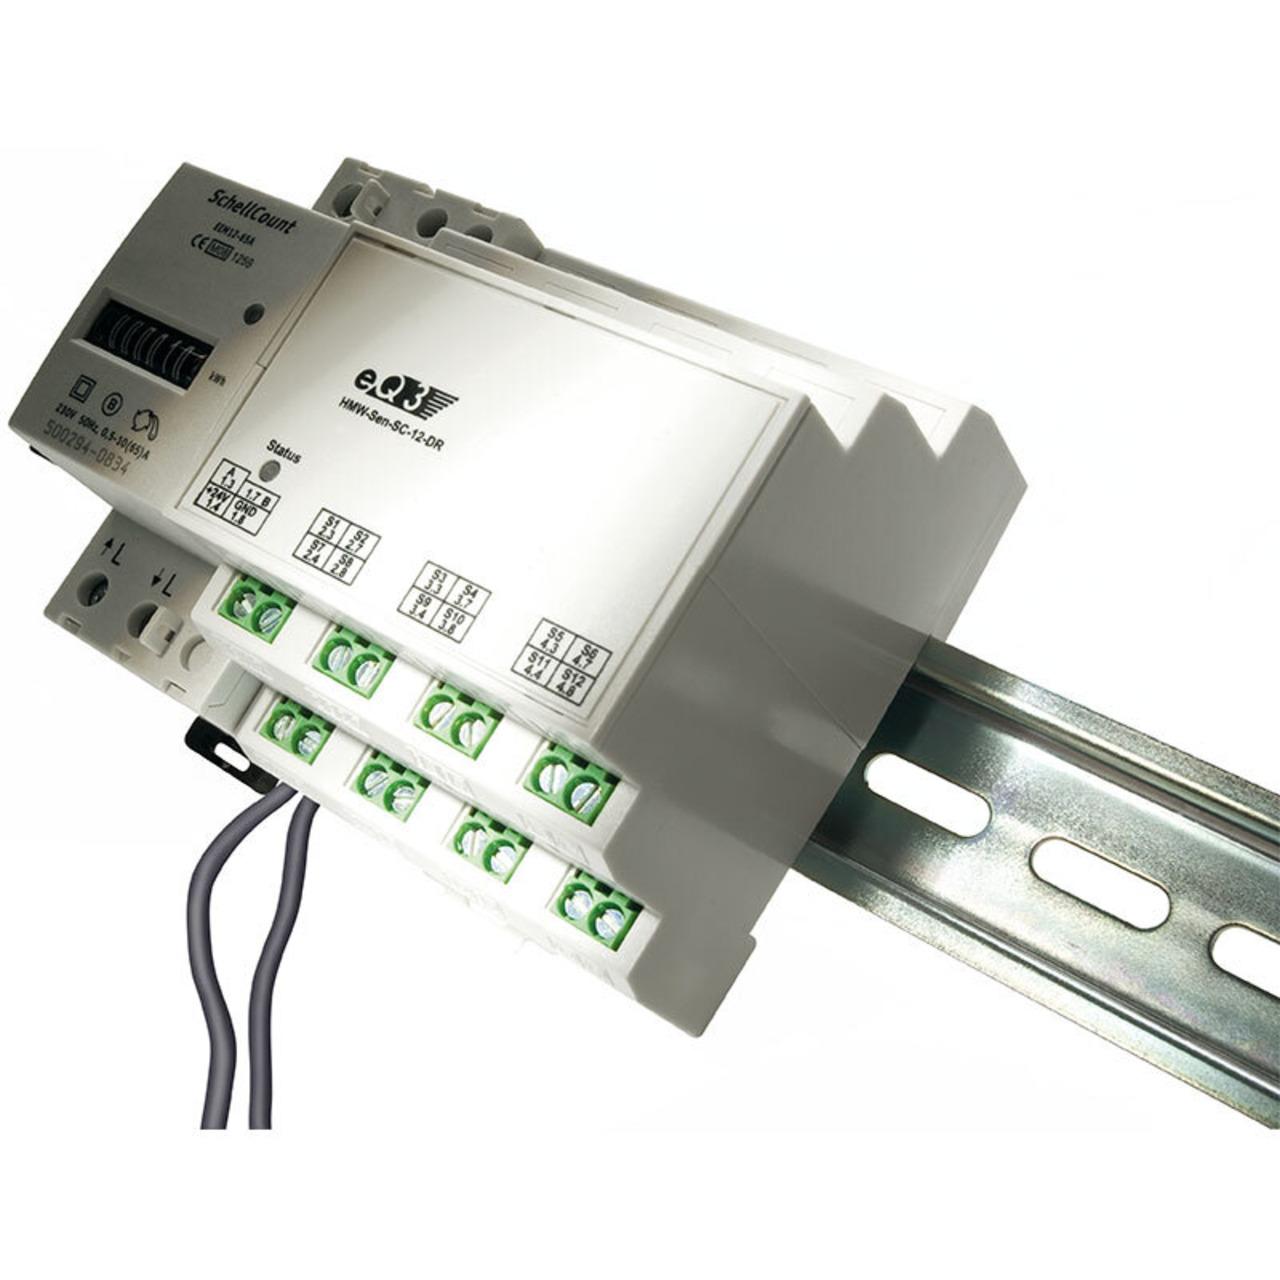 ELV Homematic Komplettbausatz 12fach-Kontaktsensor für Schaltzustandserkennung HMW-Sen-SC-12-DR